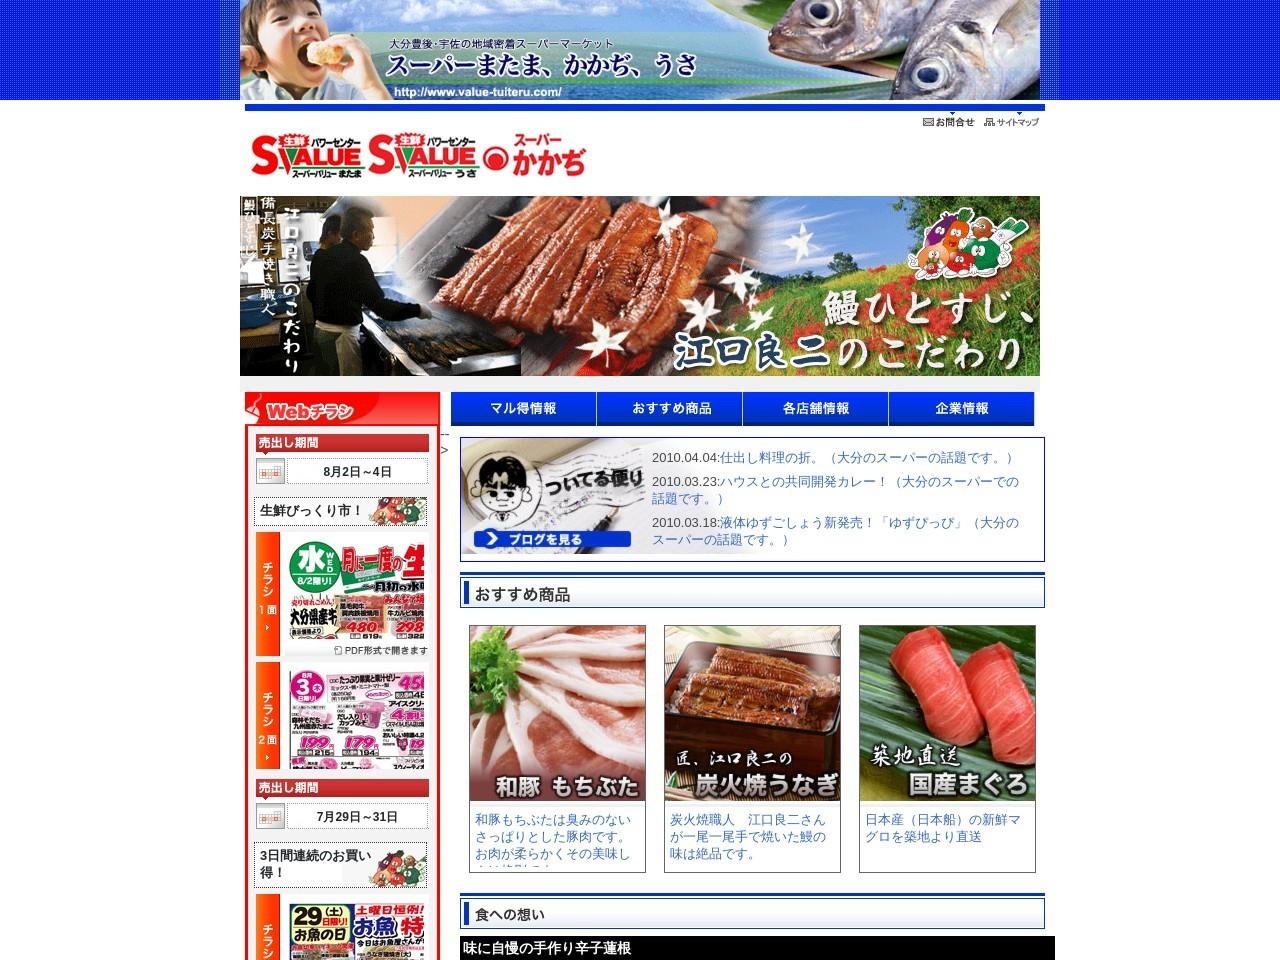 大分のスーパー スーパーバリューまたま、かがぢ、うさのホームページ